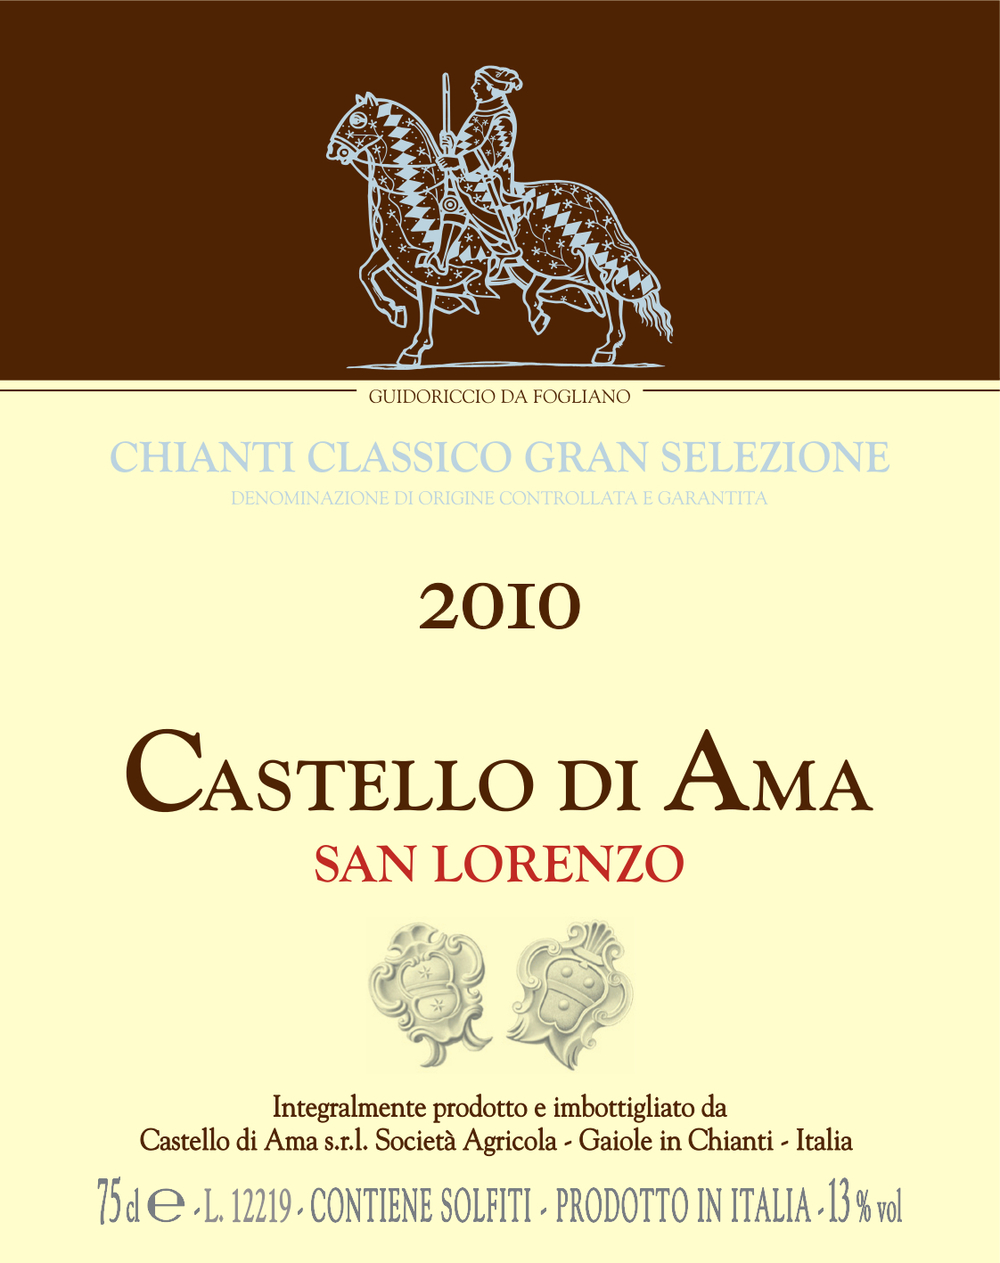 Castello-di-Ama-San-Lorenzo-2010.jpg